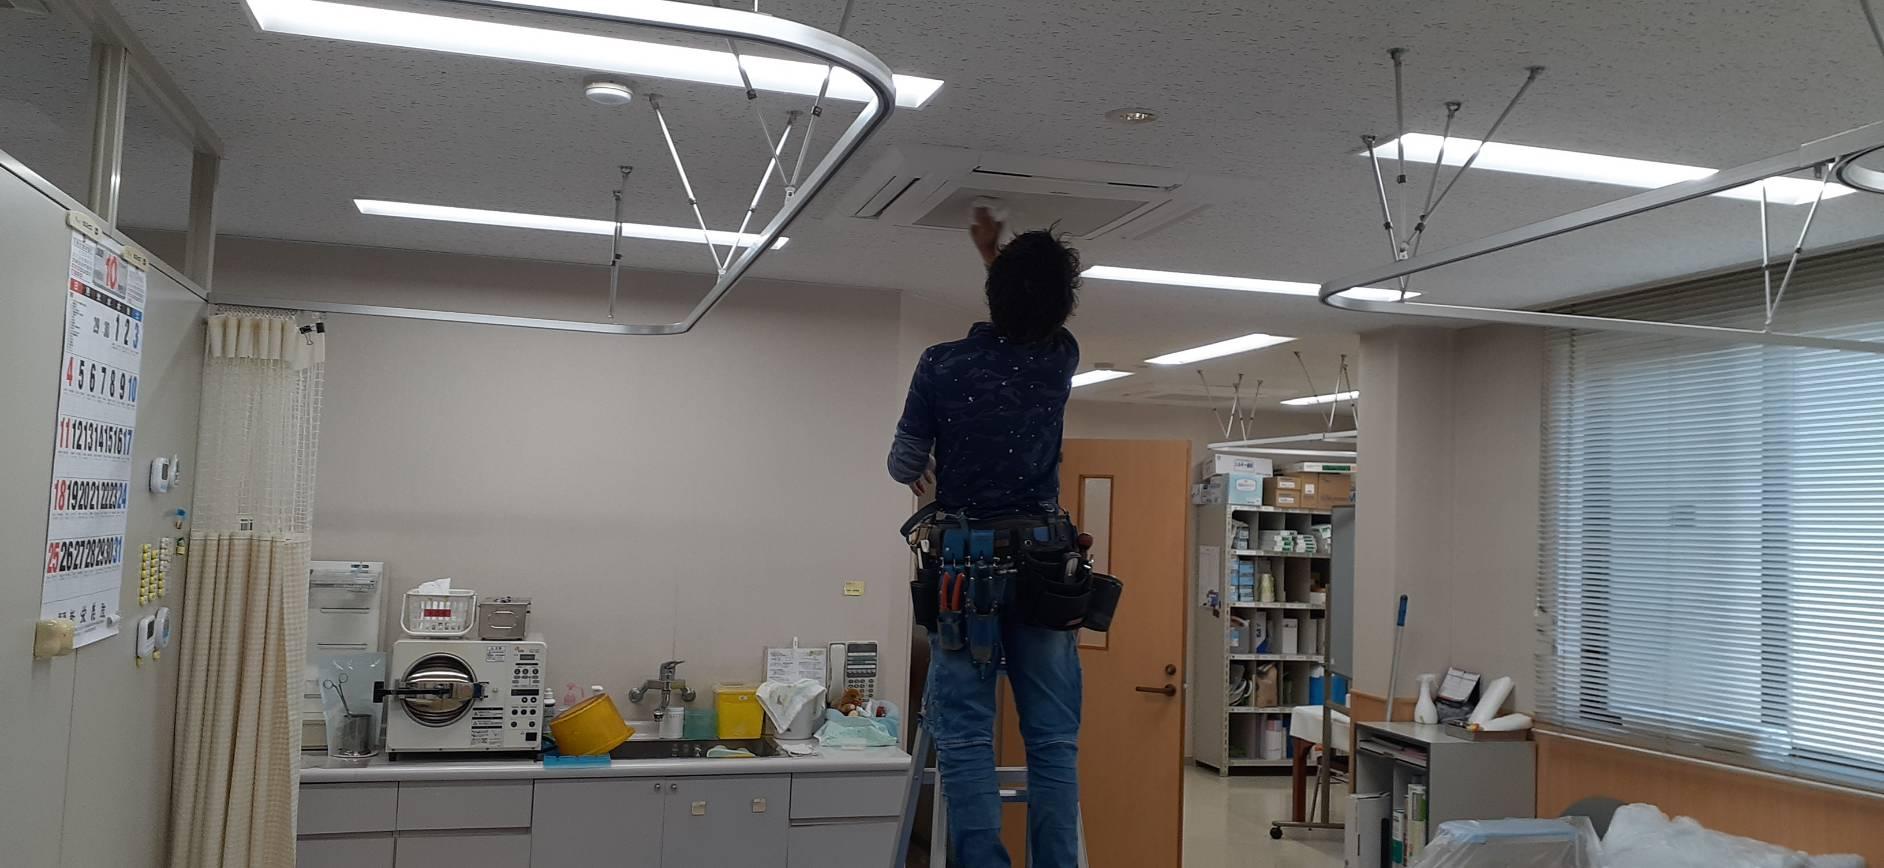 山梨県甲斐市の病院様 天井カセットエアコン分解洗浄